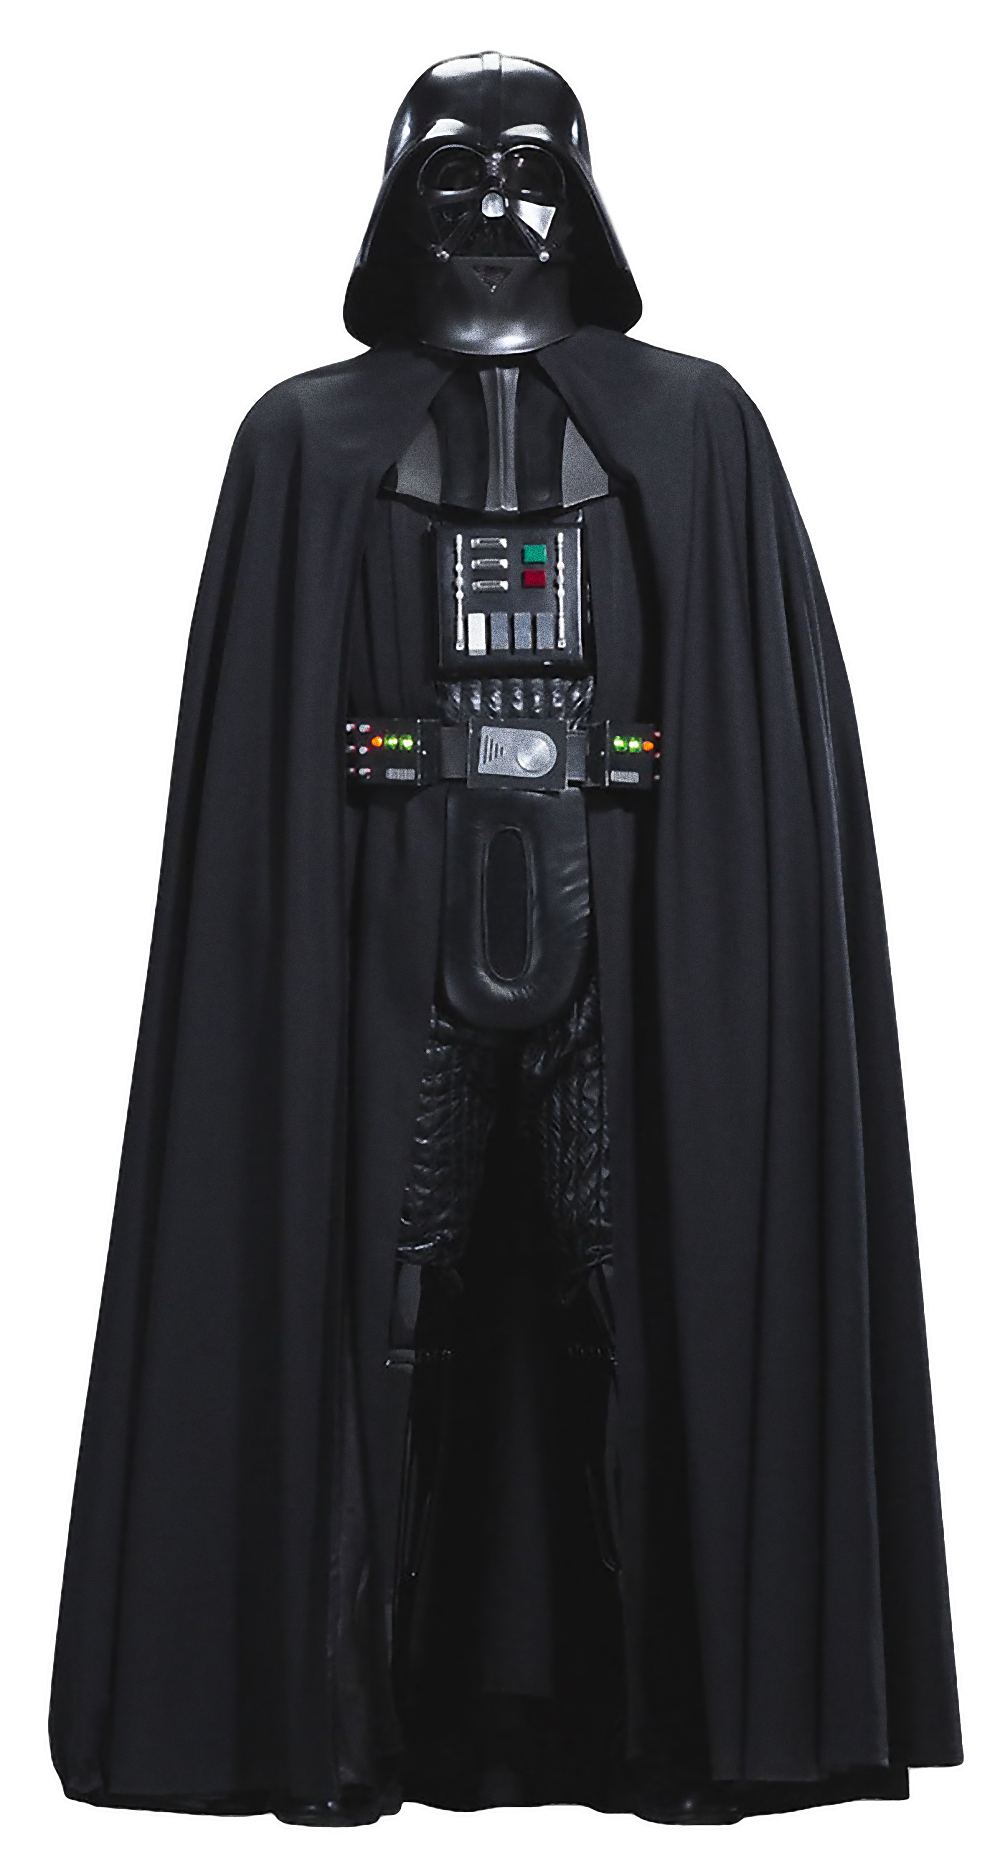 Image - Darth Vader Promo Rogue One.png | Star Wars ...